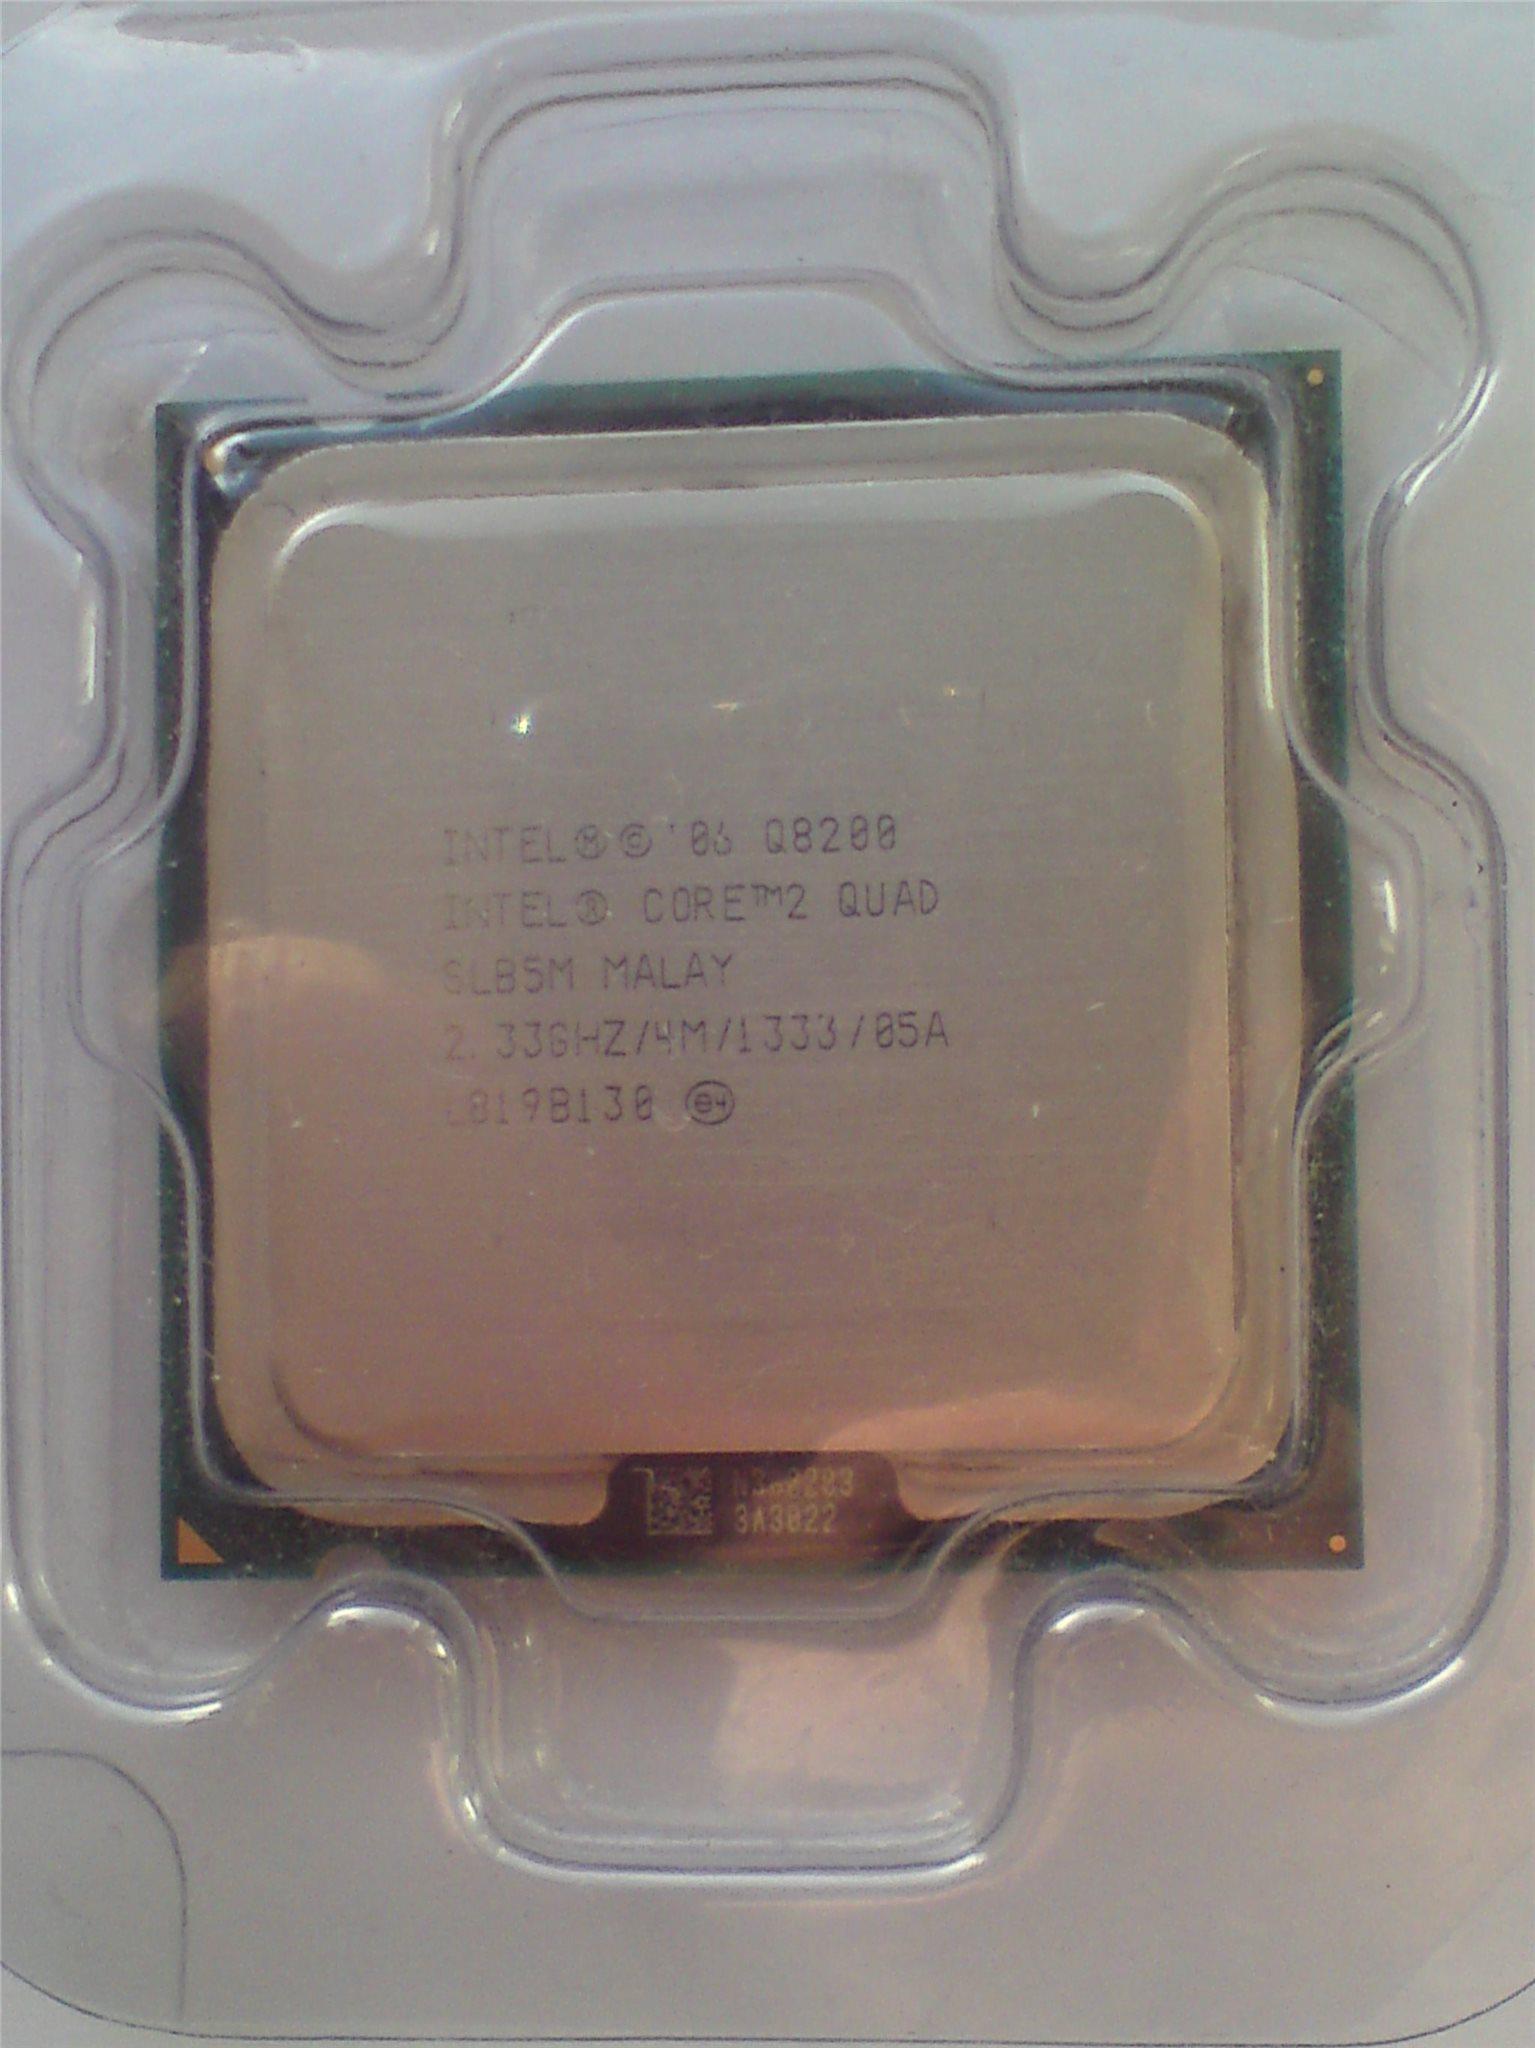 Intel Core 2 Quad Processor Q8200 1333 Mhz Fsb P Vriga Procesor Soket 775